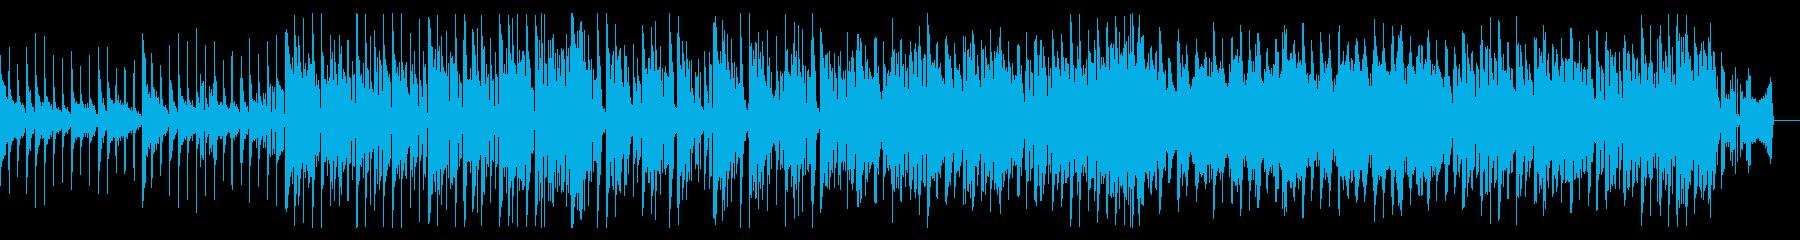 独特なギターシネマアンビエントの再生済みの波形